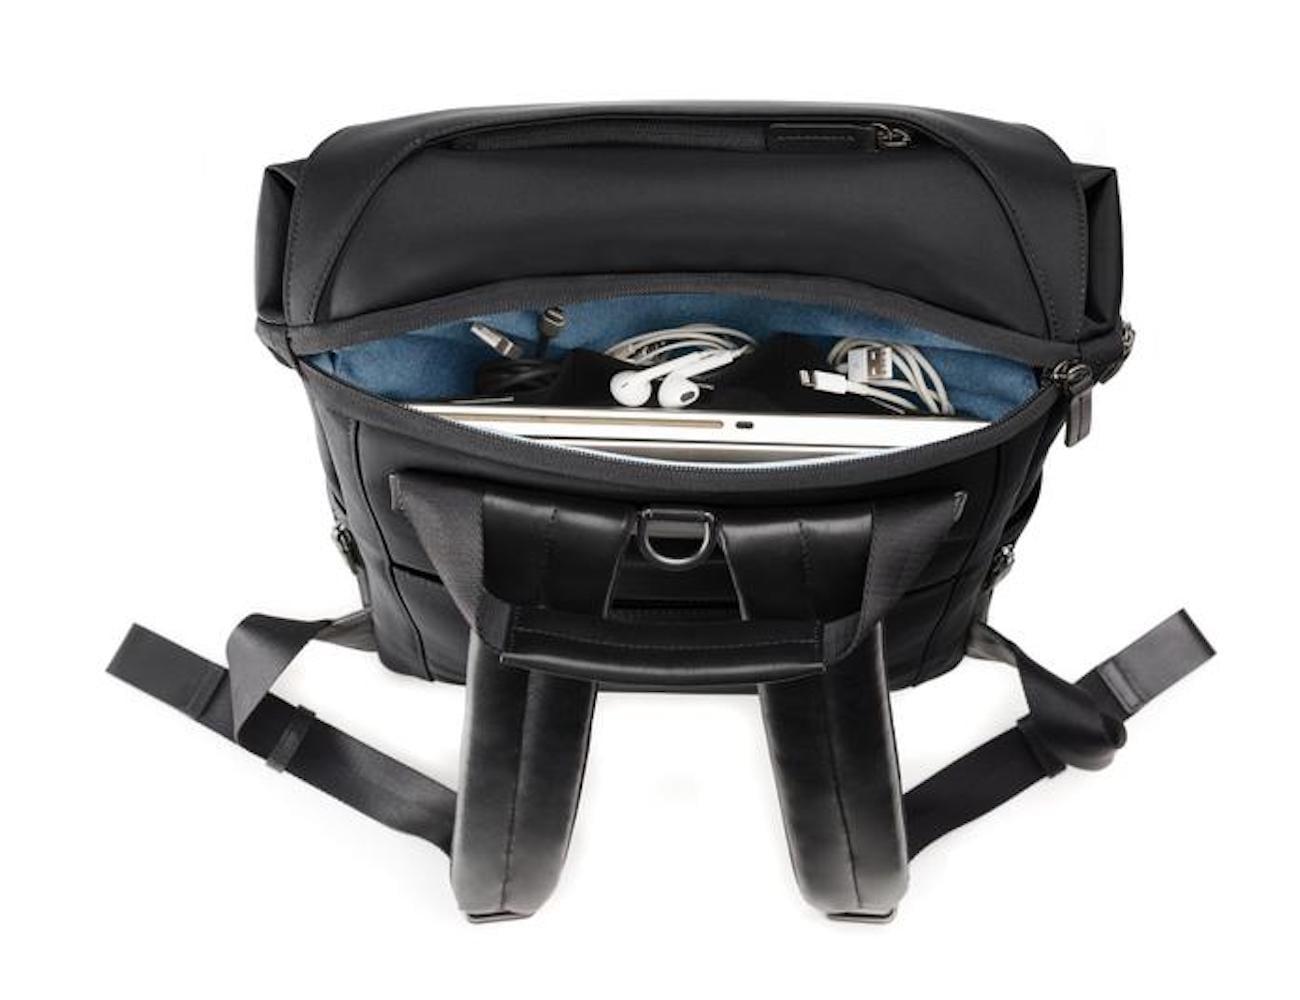 ceef8b9e3a Stuart   Lau Capstone Lightweight Waterproof Backpack » Gadget Flow